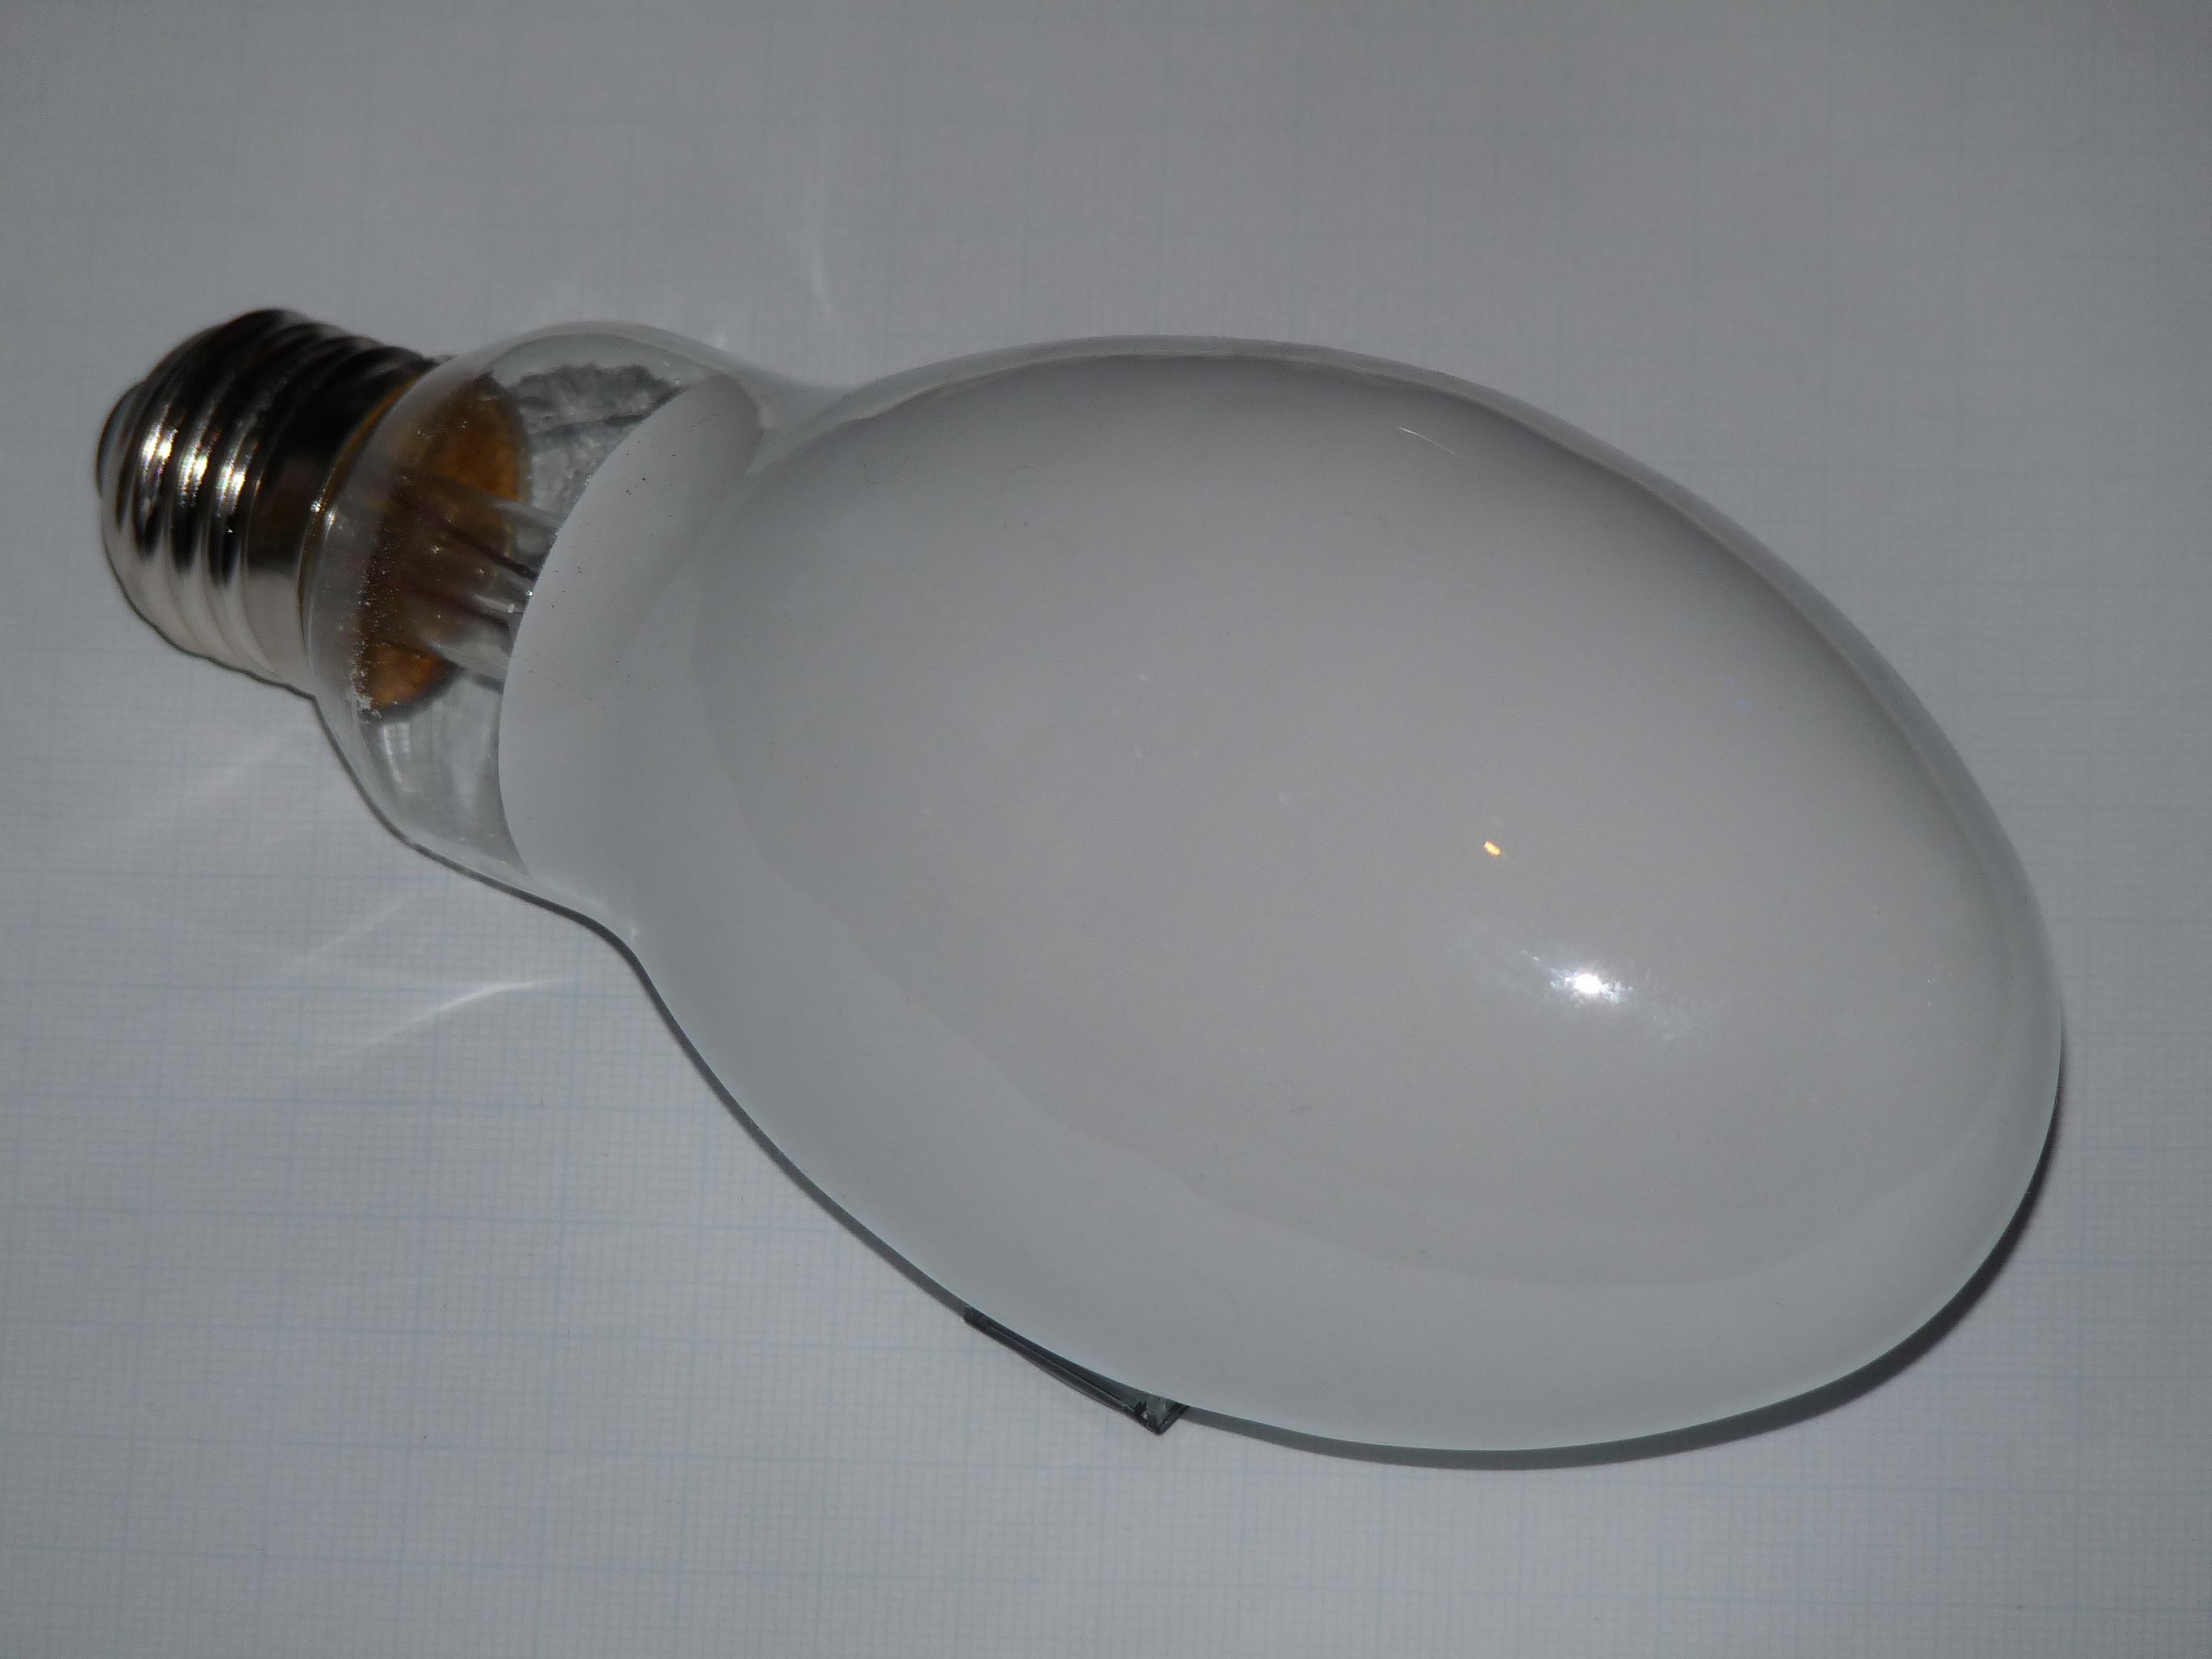 File:Self-ballasted mercury-vapor light bulb.JPG - Wikimedia Commons